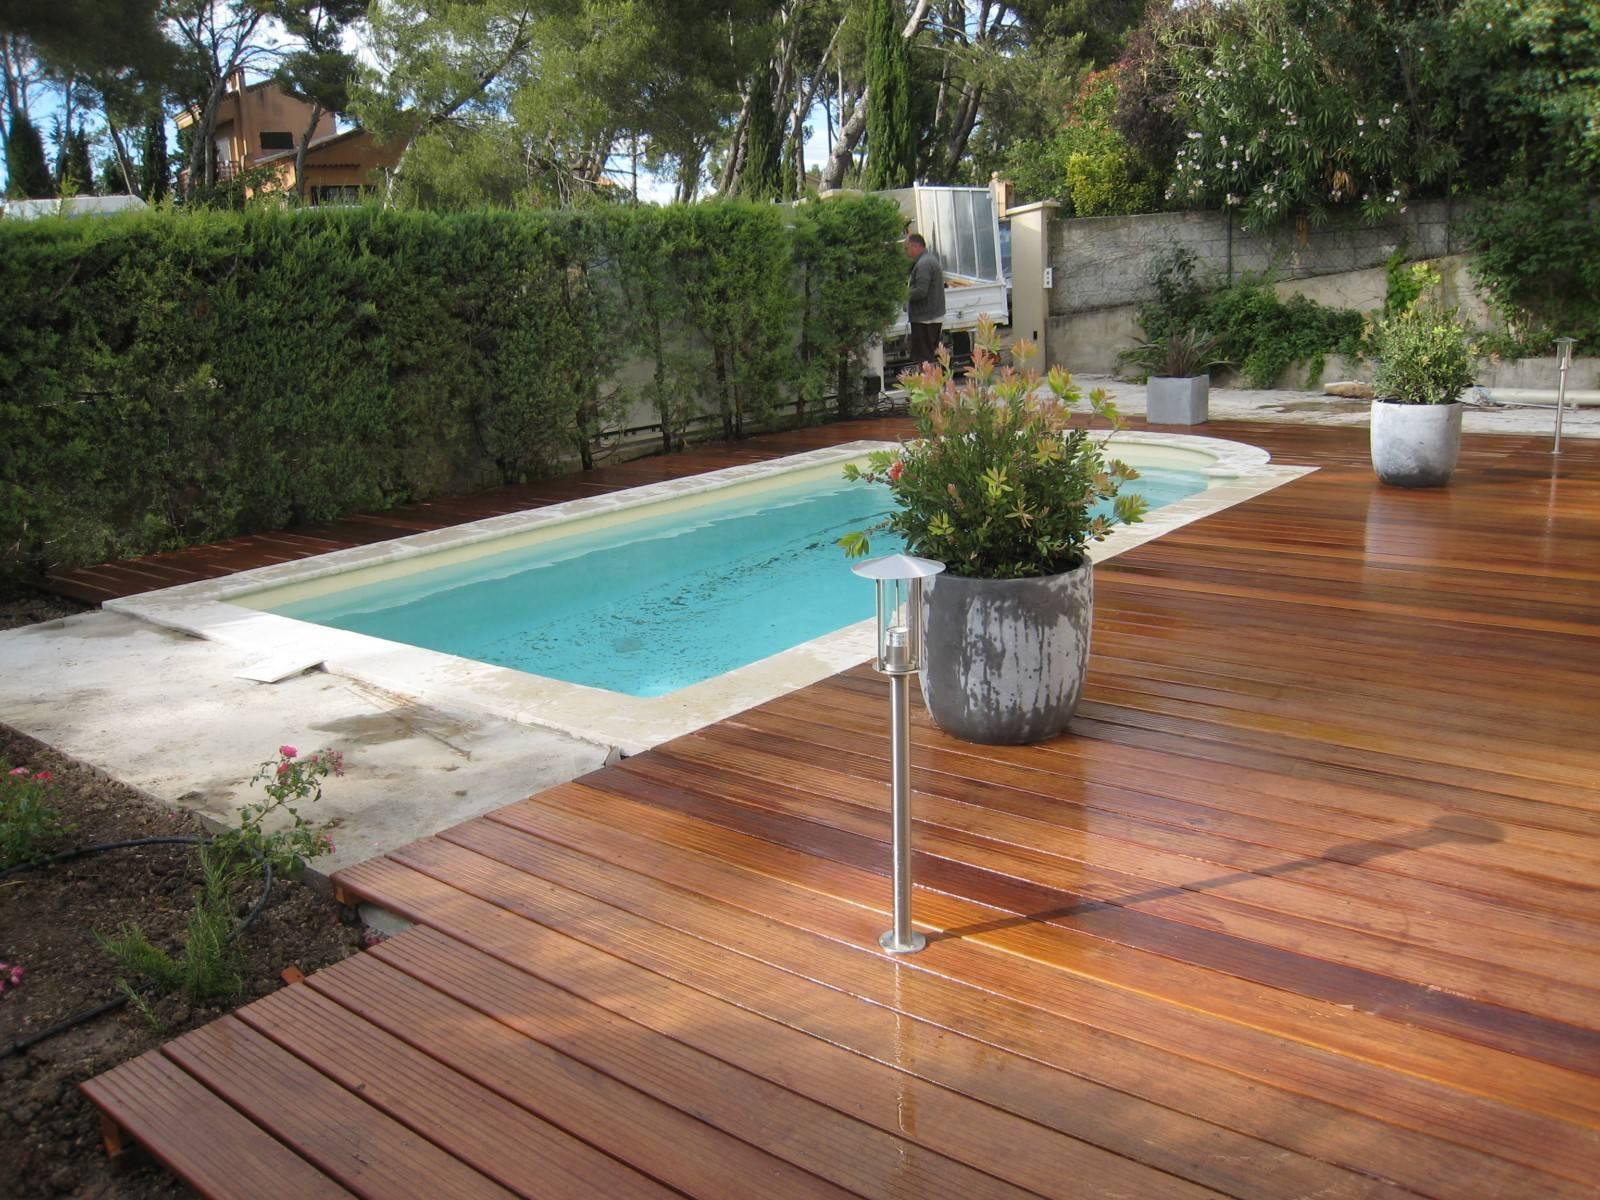 Terrasse En Bois Exotique pose d'une terrasse en bois exotique sur dalle de béton